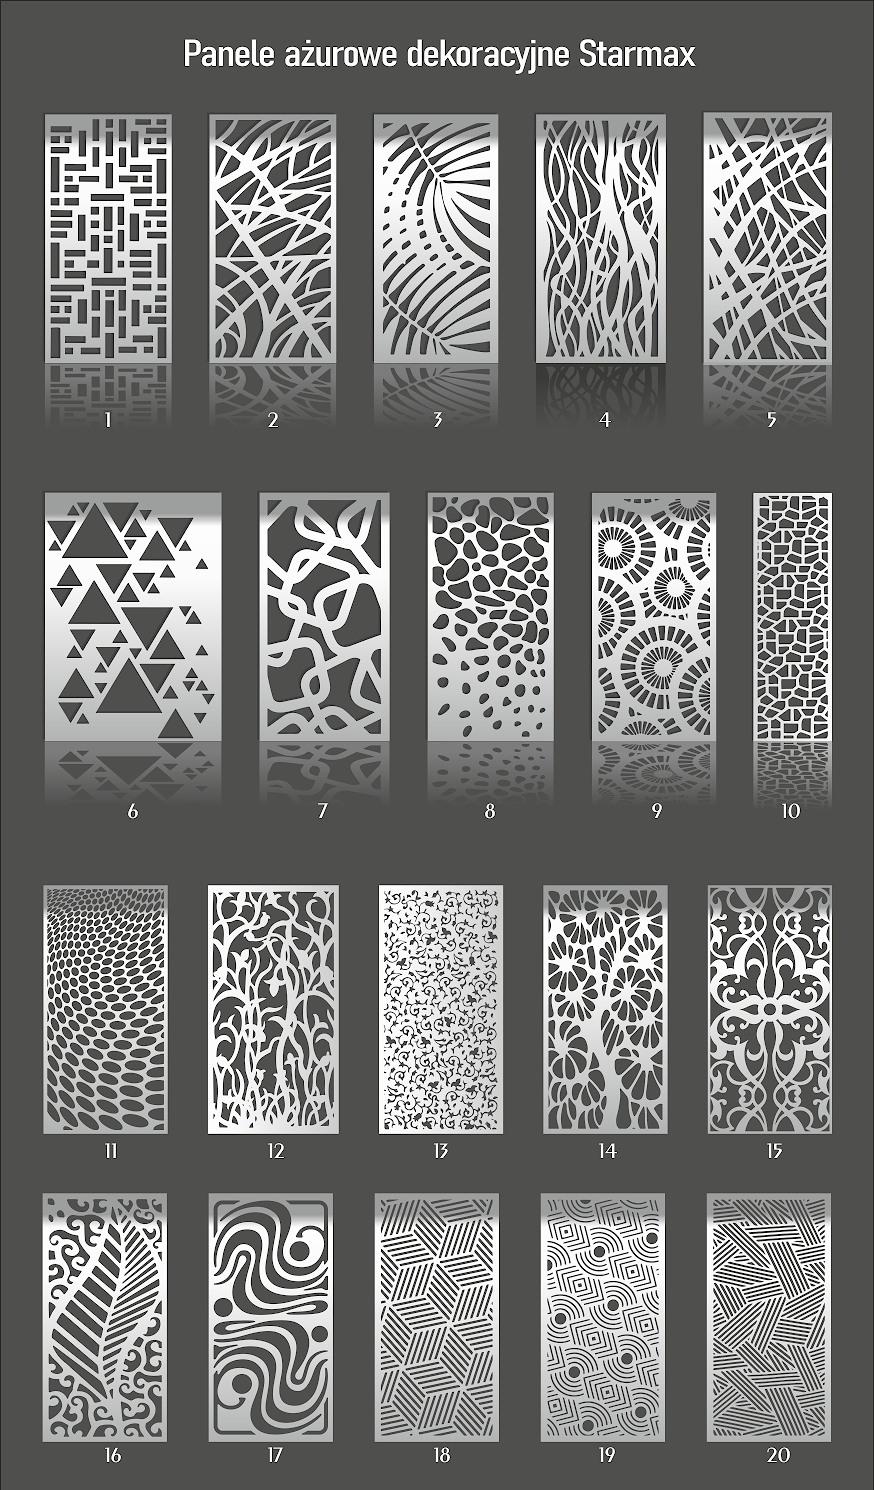 Pobierz wzory paneli ażurowych